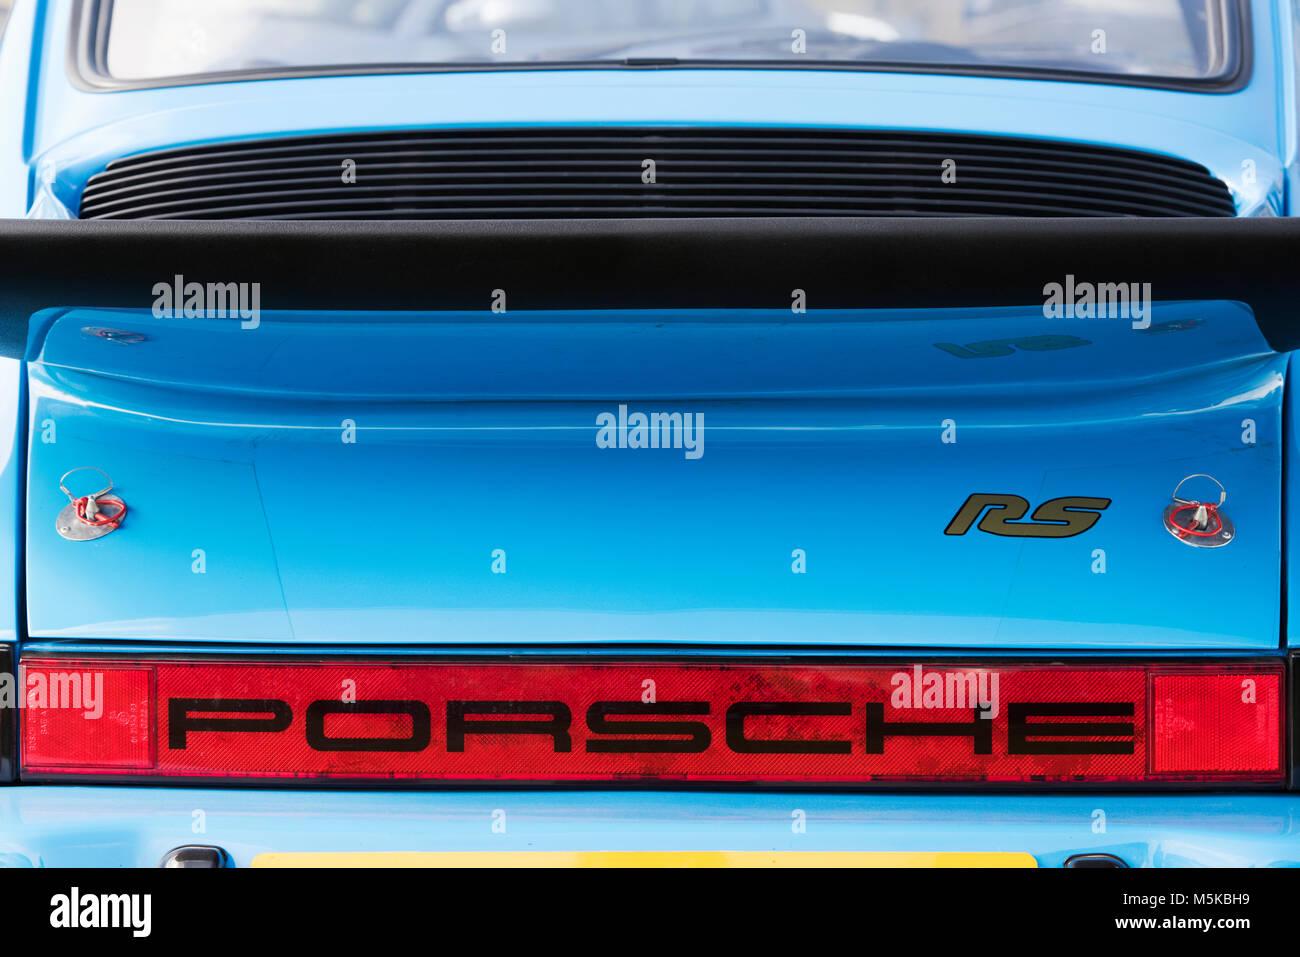 Car German Uk Stock Photos Amp Car German Uk Stock Images